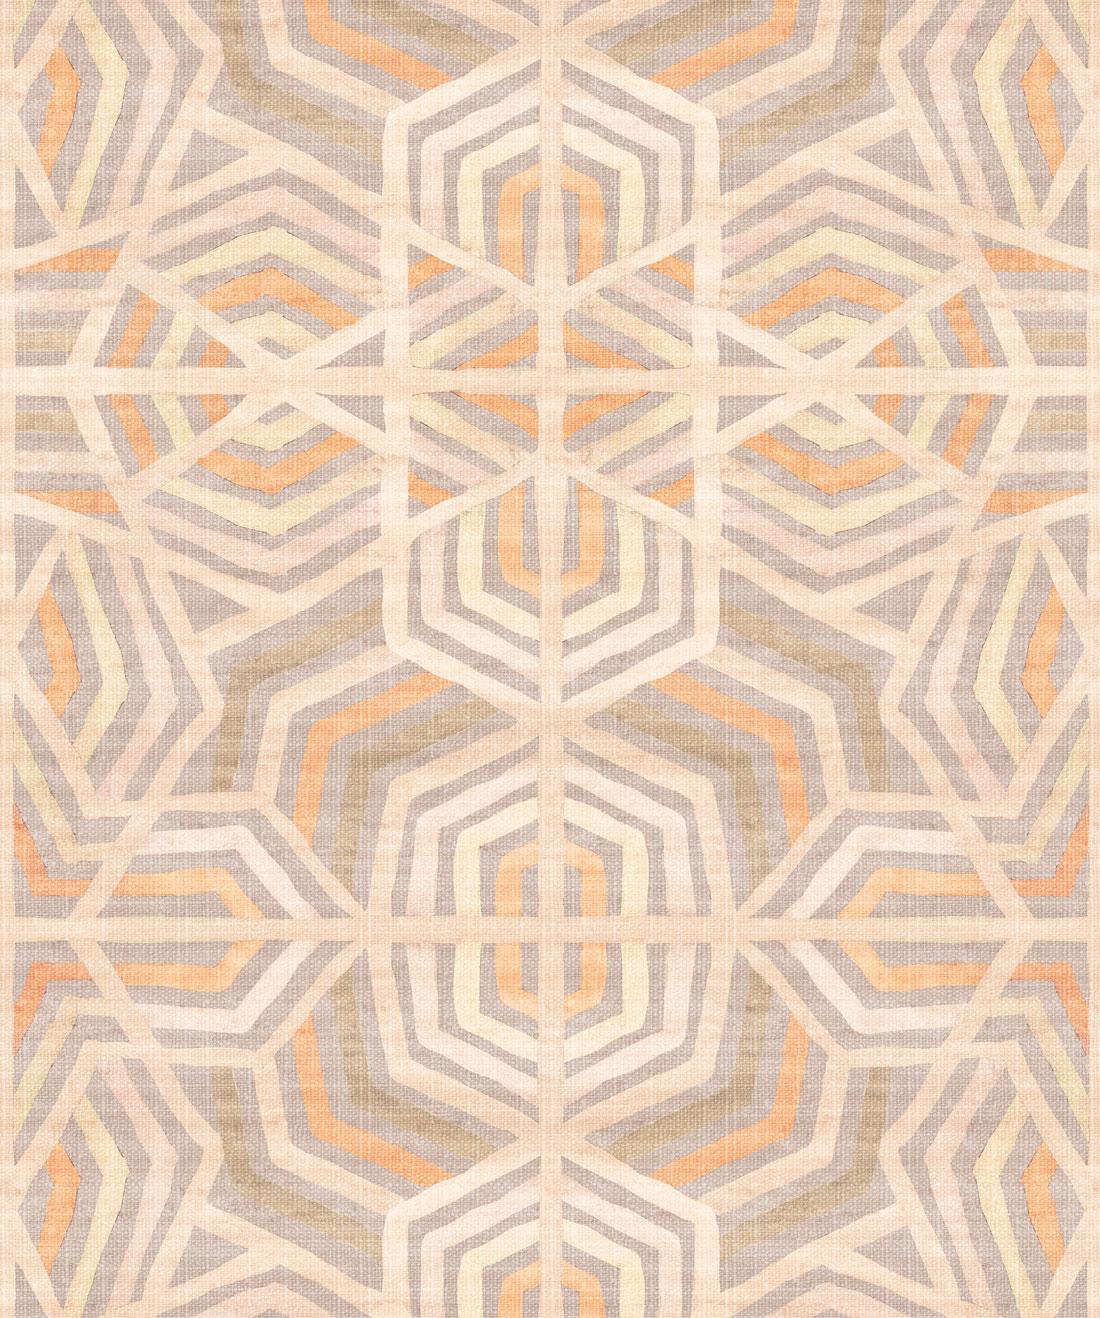 Sixhands - Bedouine Wallpaper